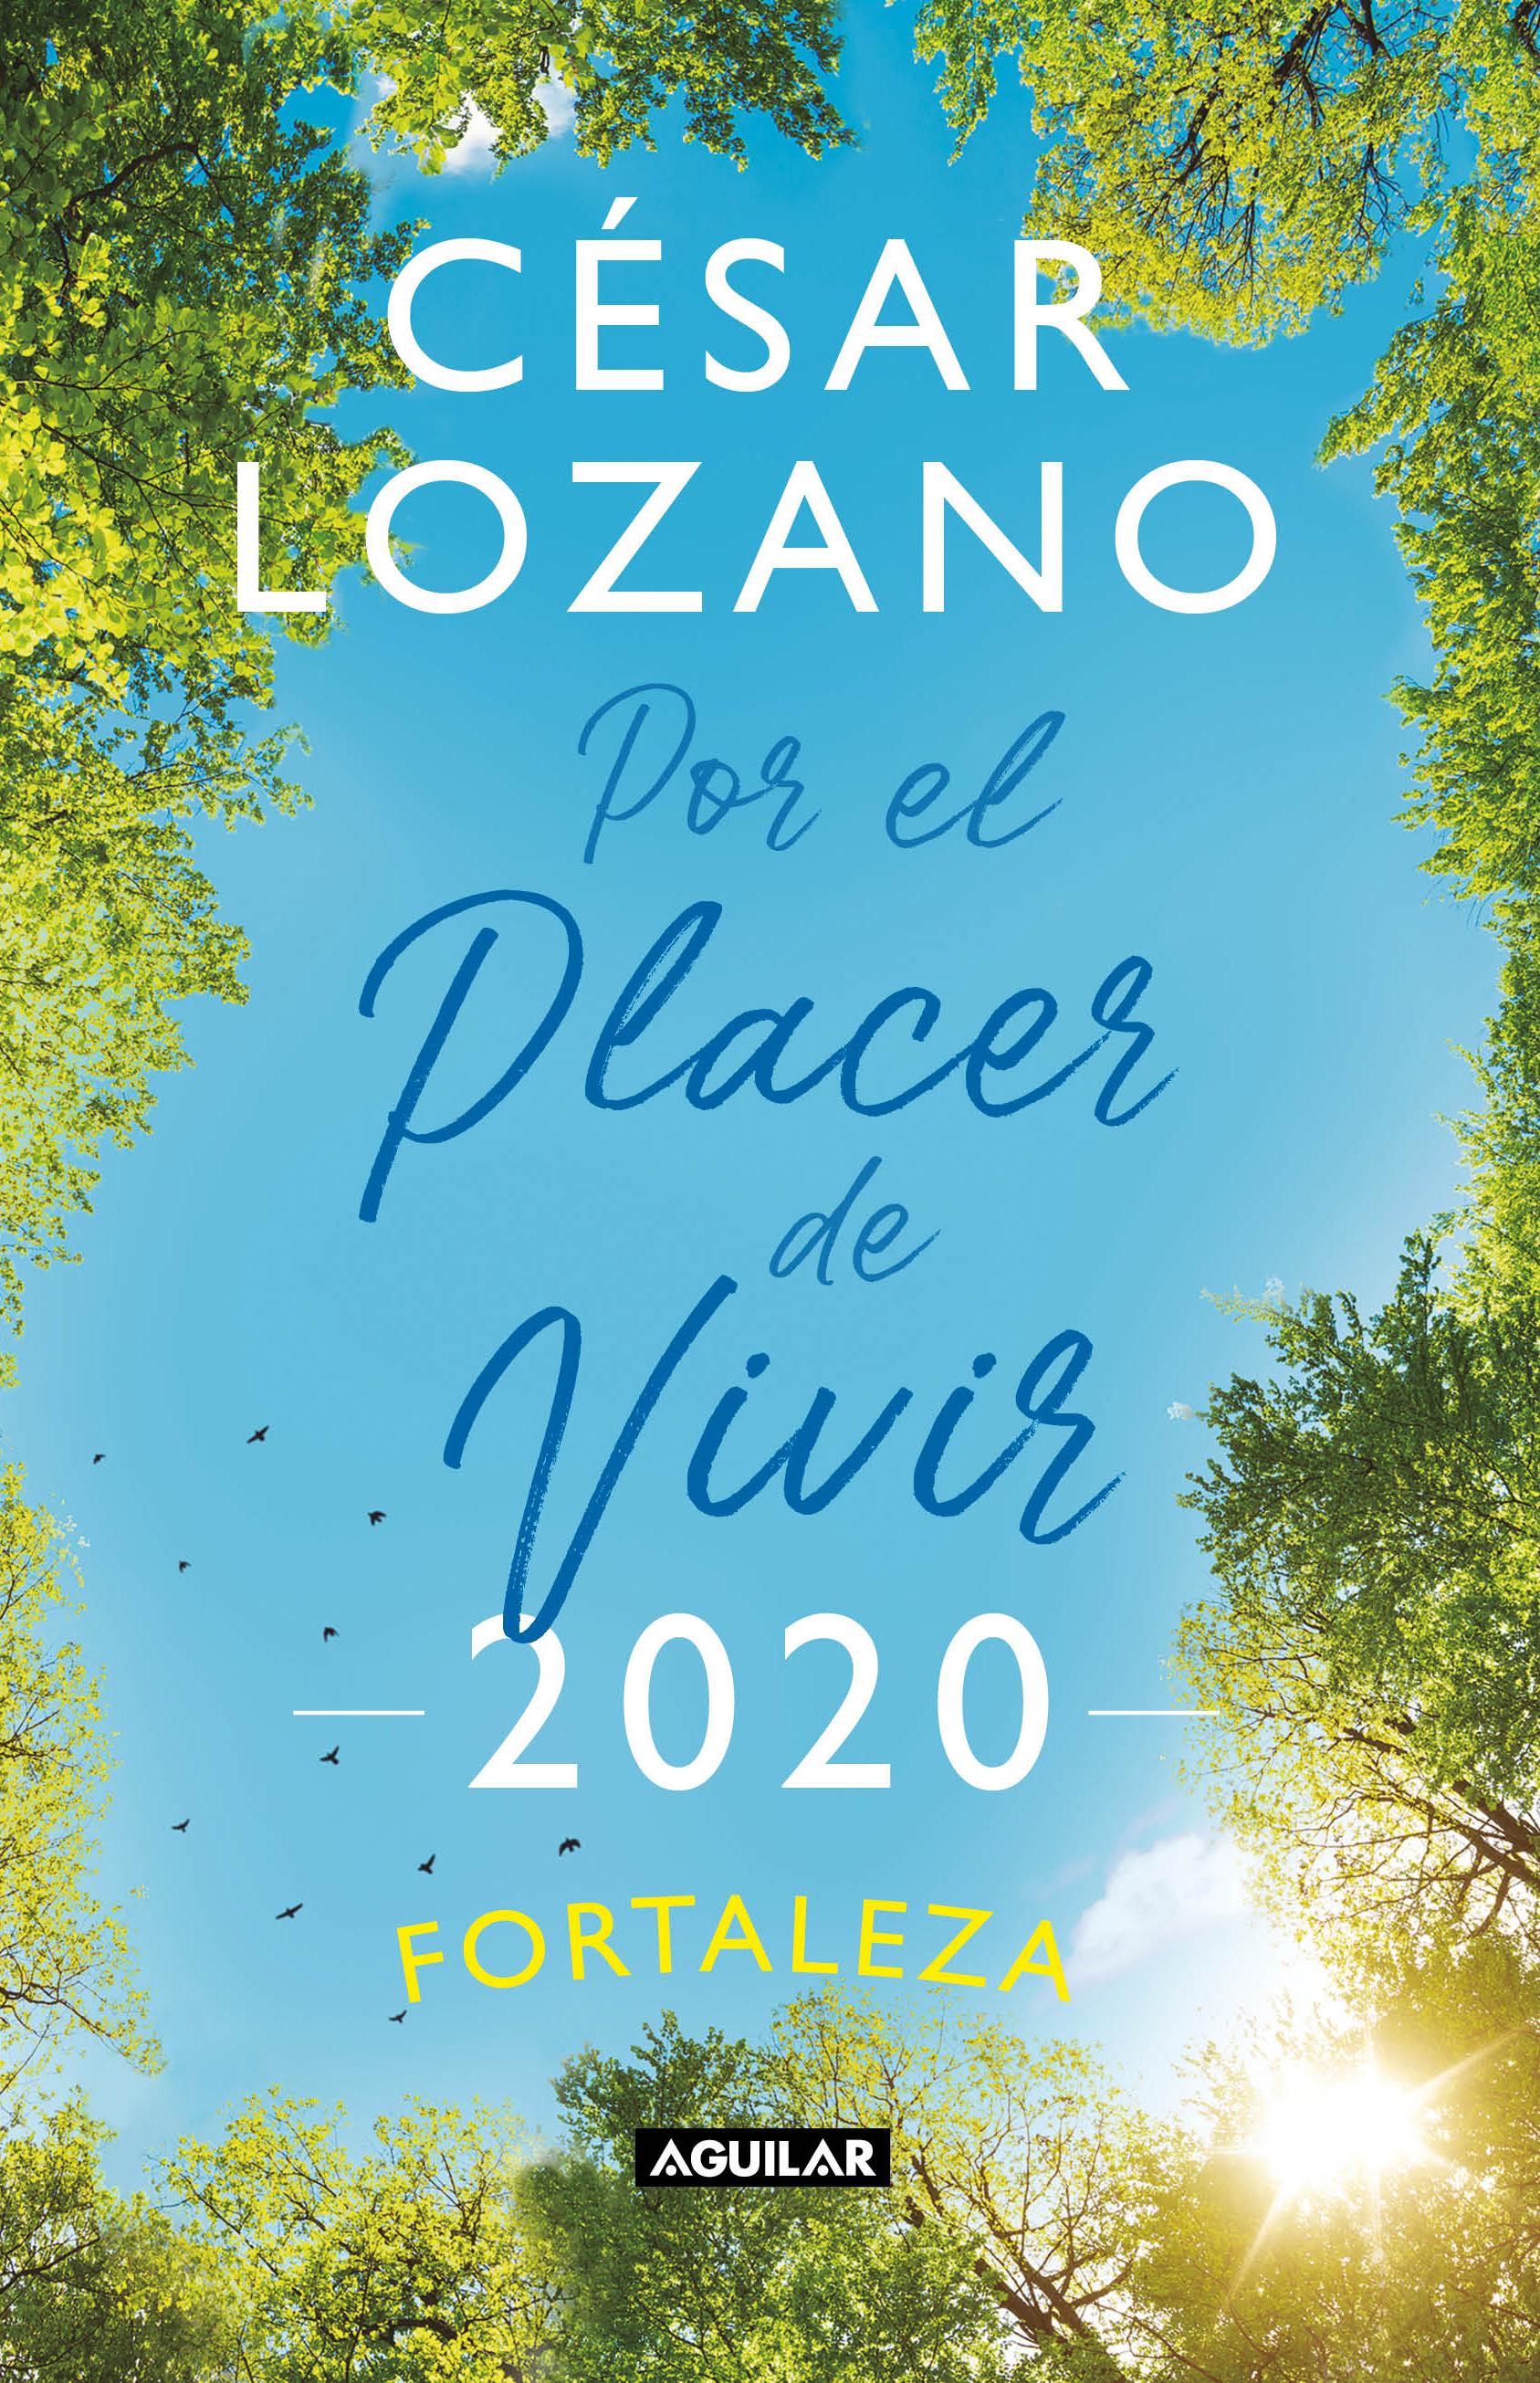 LIBRO AGENDA POR EL PLACER DE VIVIR 2020